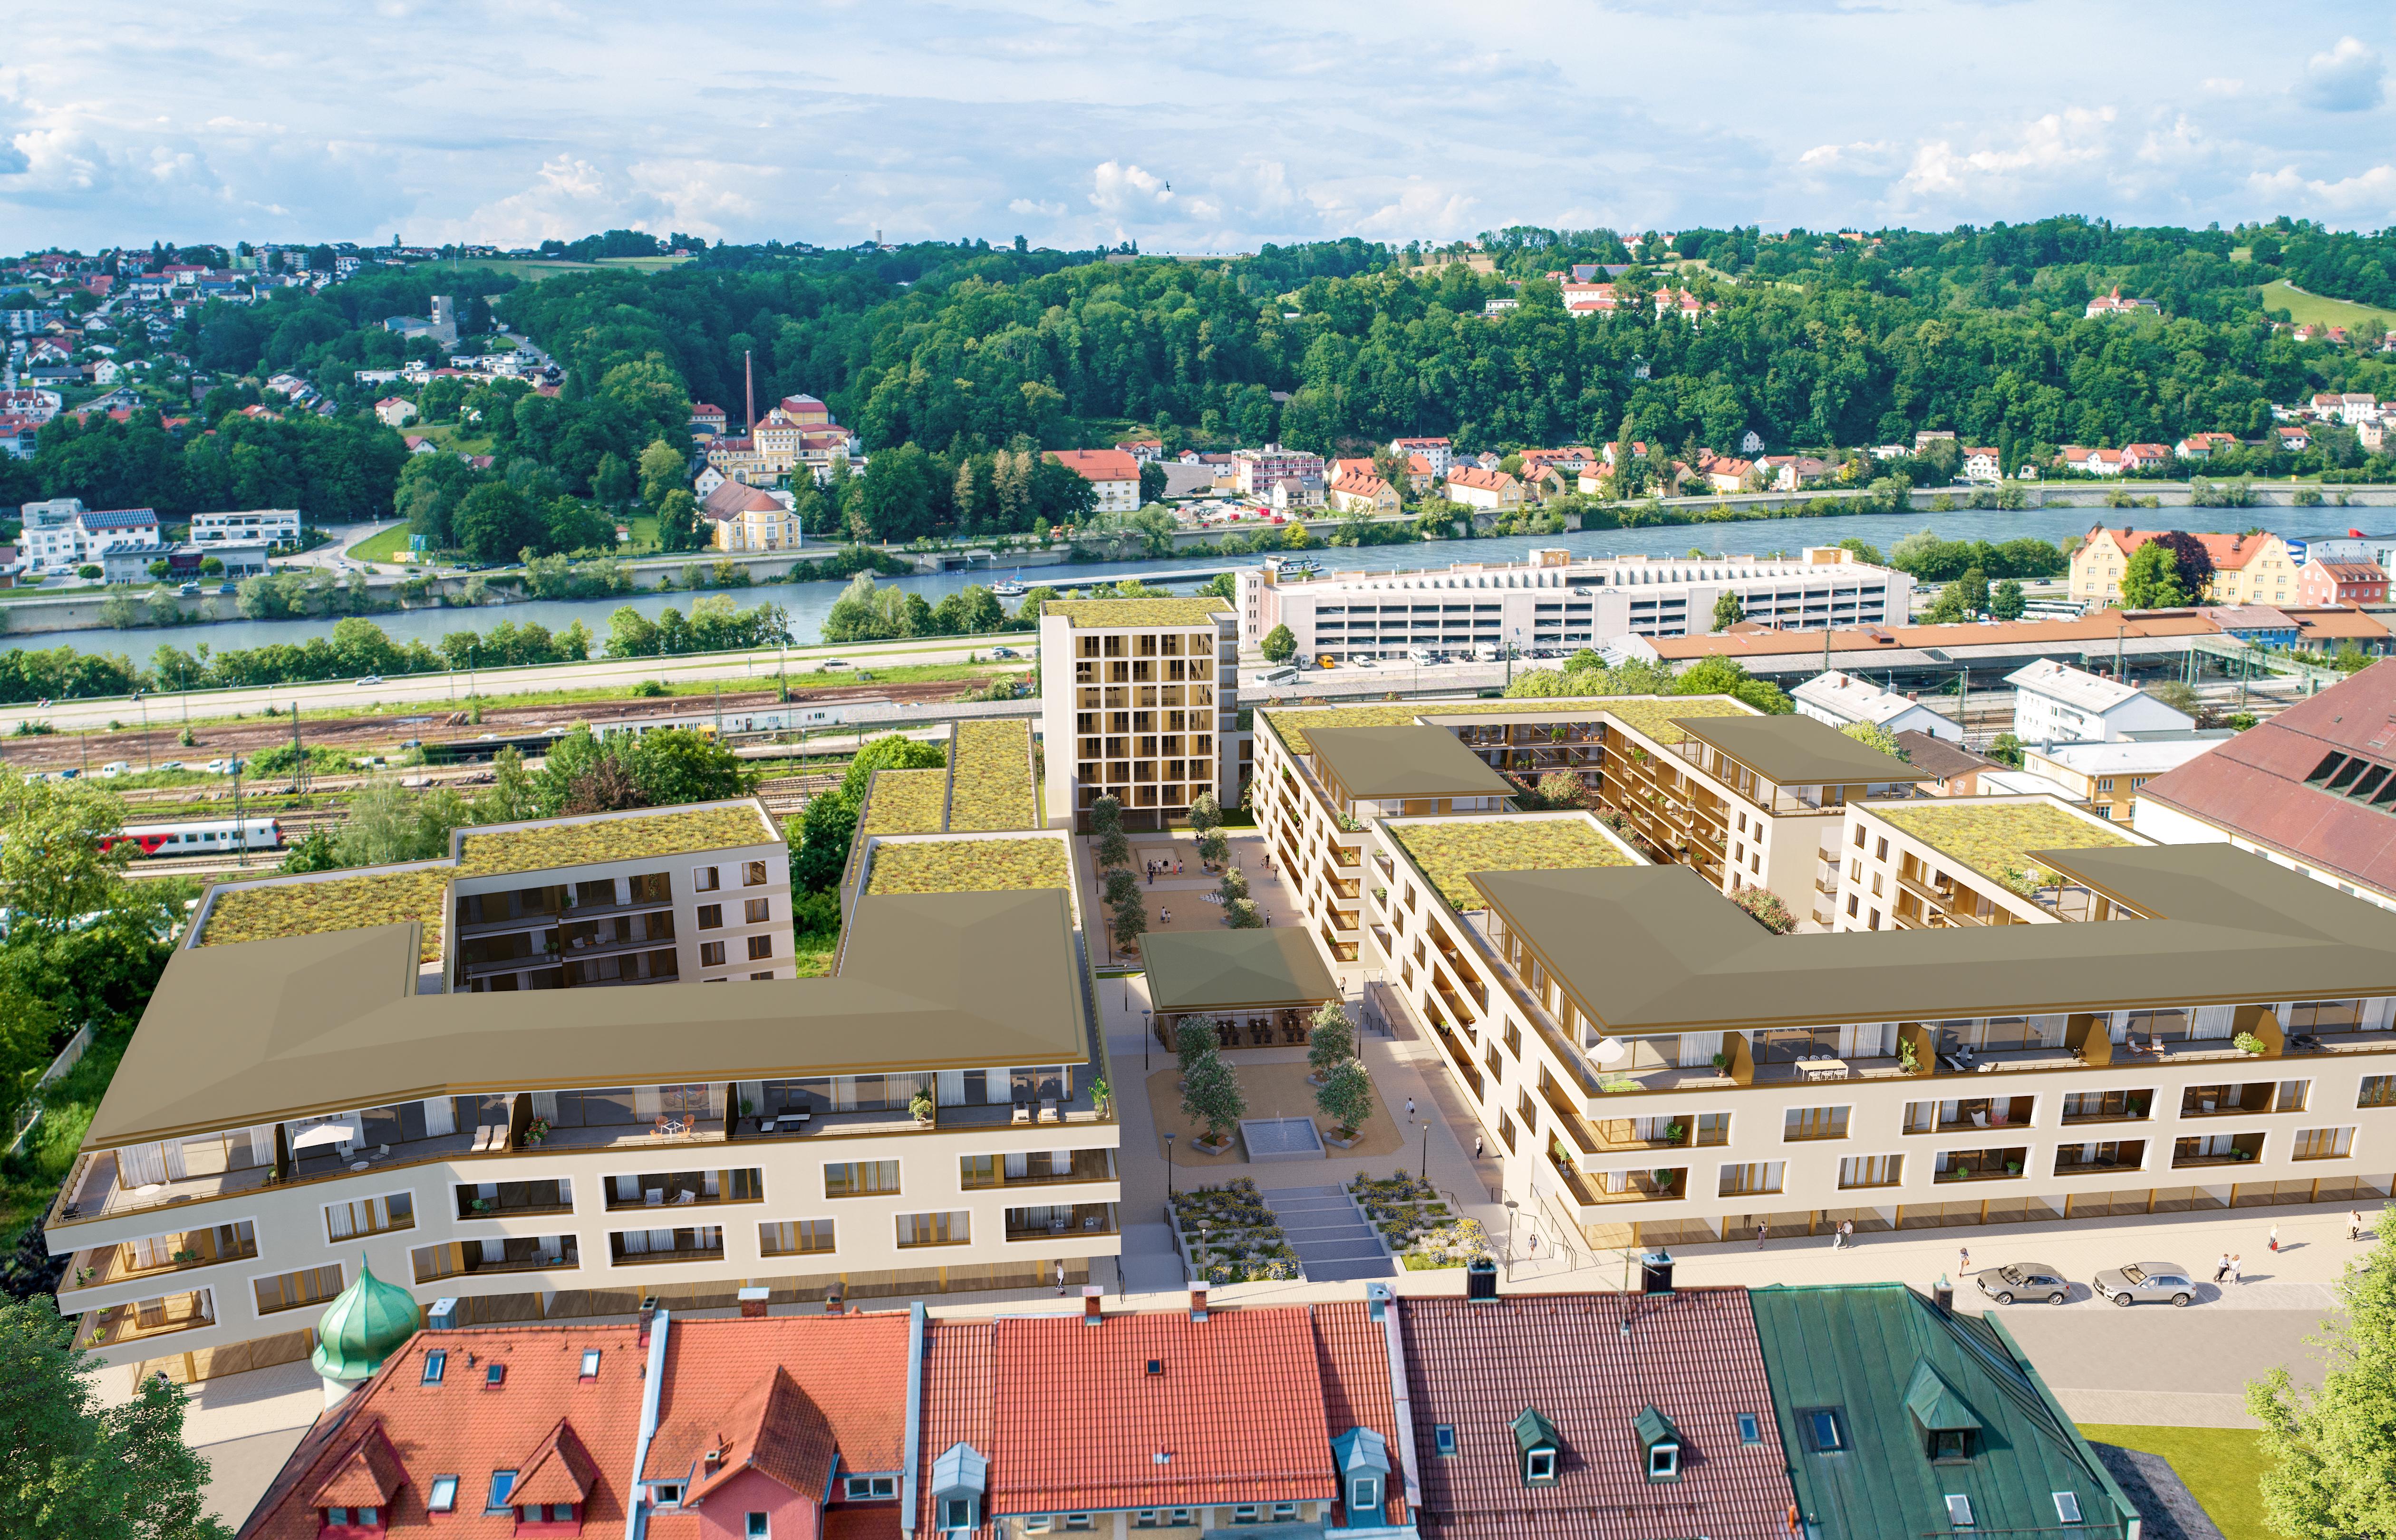 Brauhöfe Passau